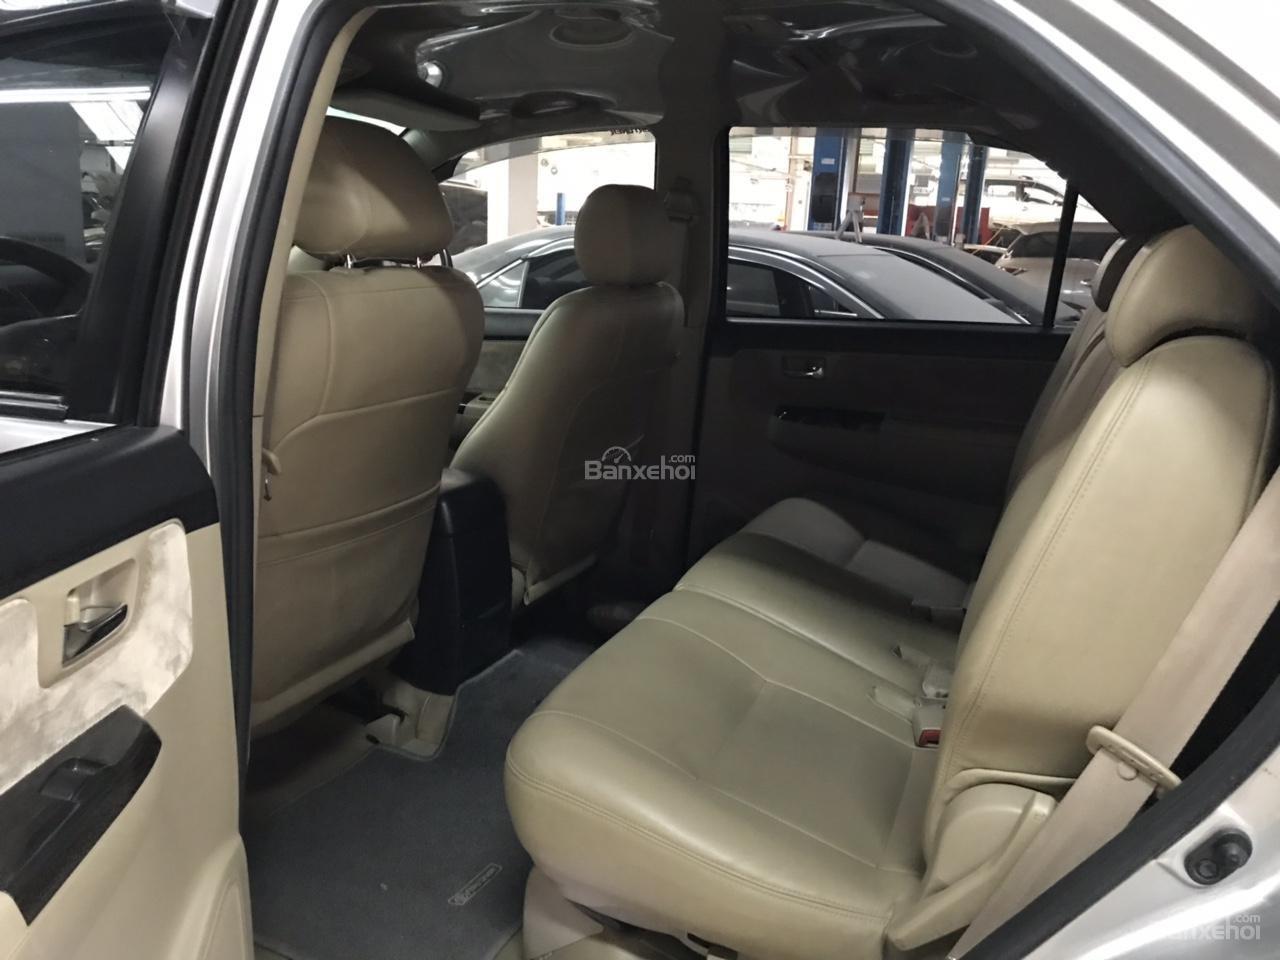 Bán xe Toyota Fortuner 2.5G năm 2015, màu bạc, xe số sàn, chất xe đã được kiểm định giá thương lượng khi xem mua xe-6